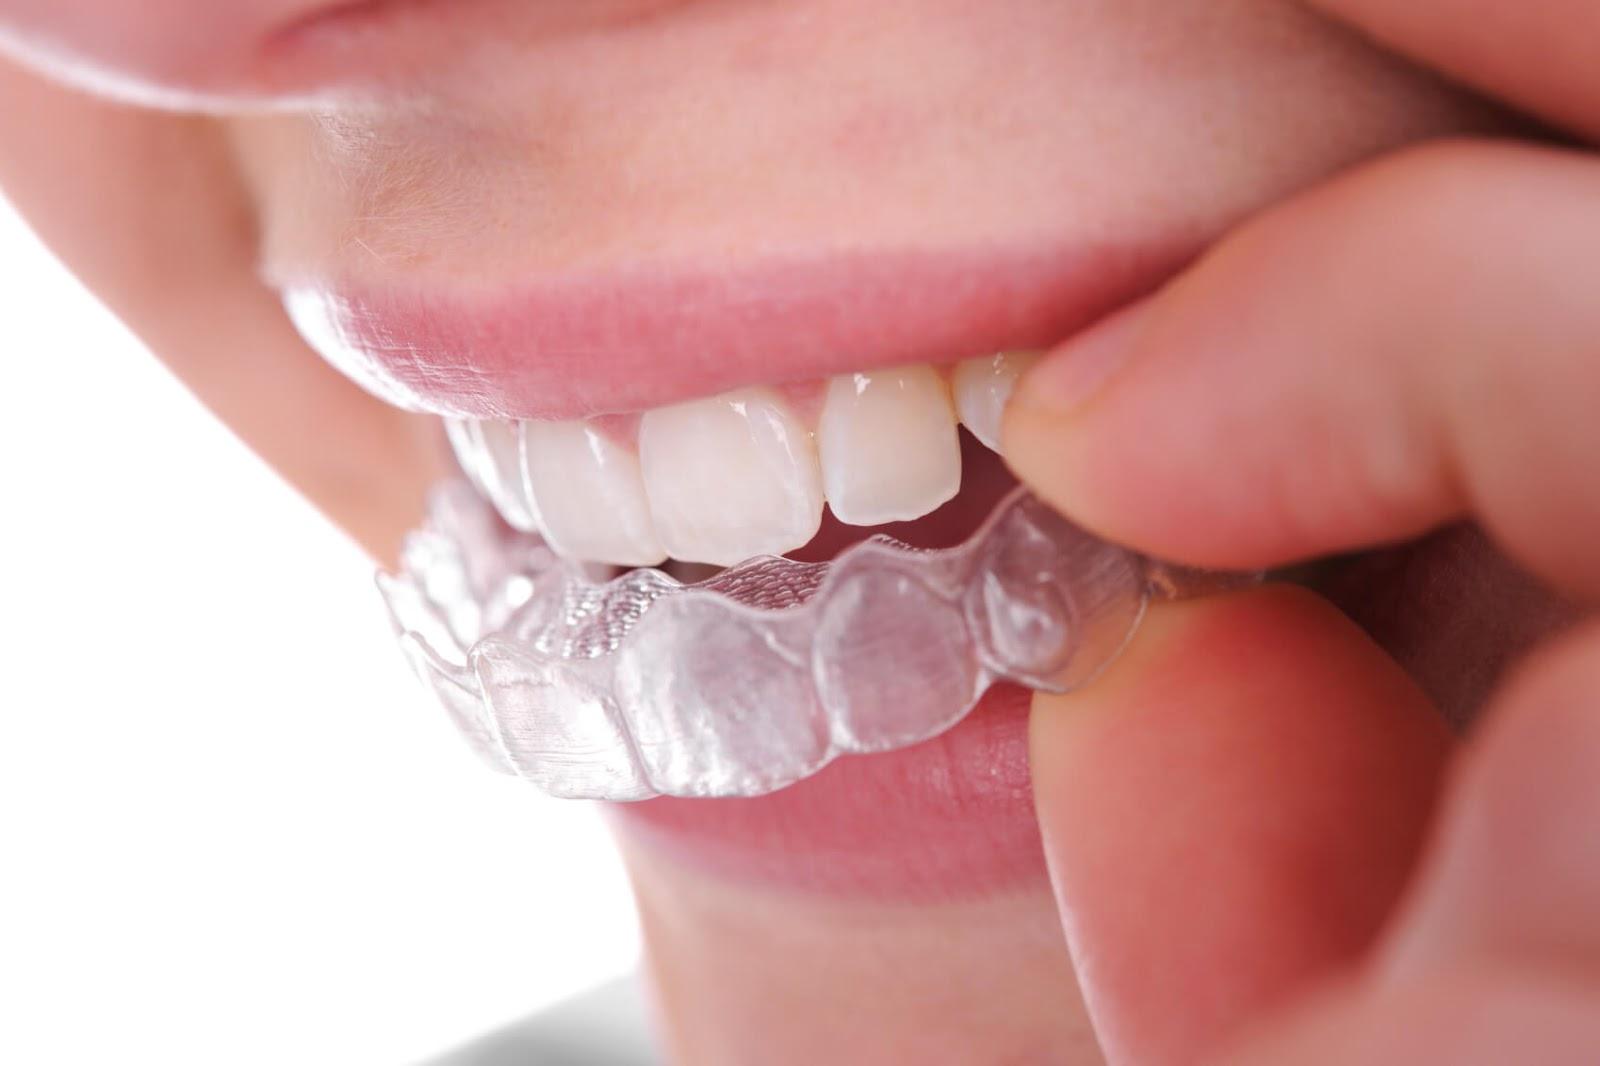 Quy trình niềng răng không mắc cài